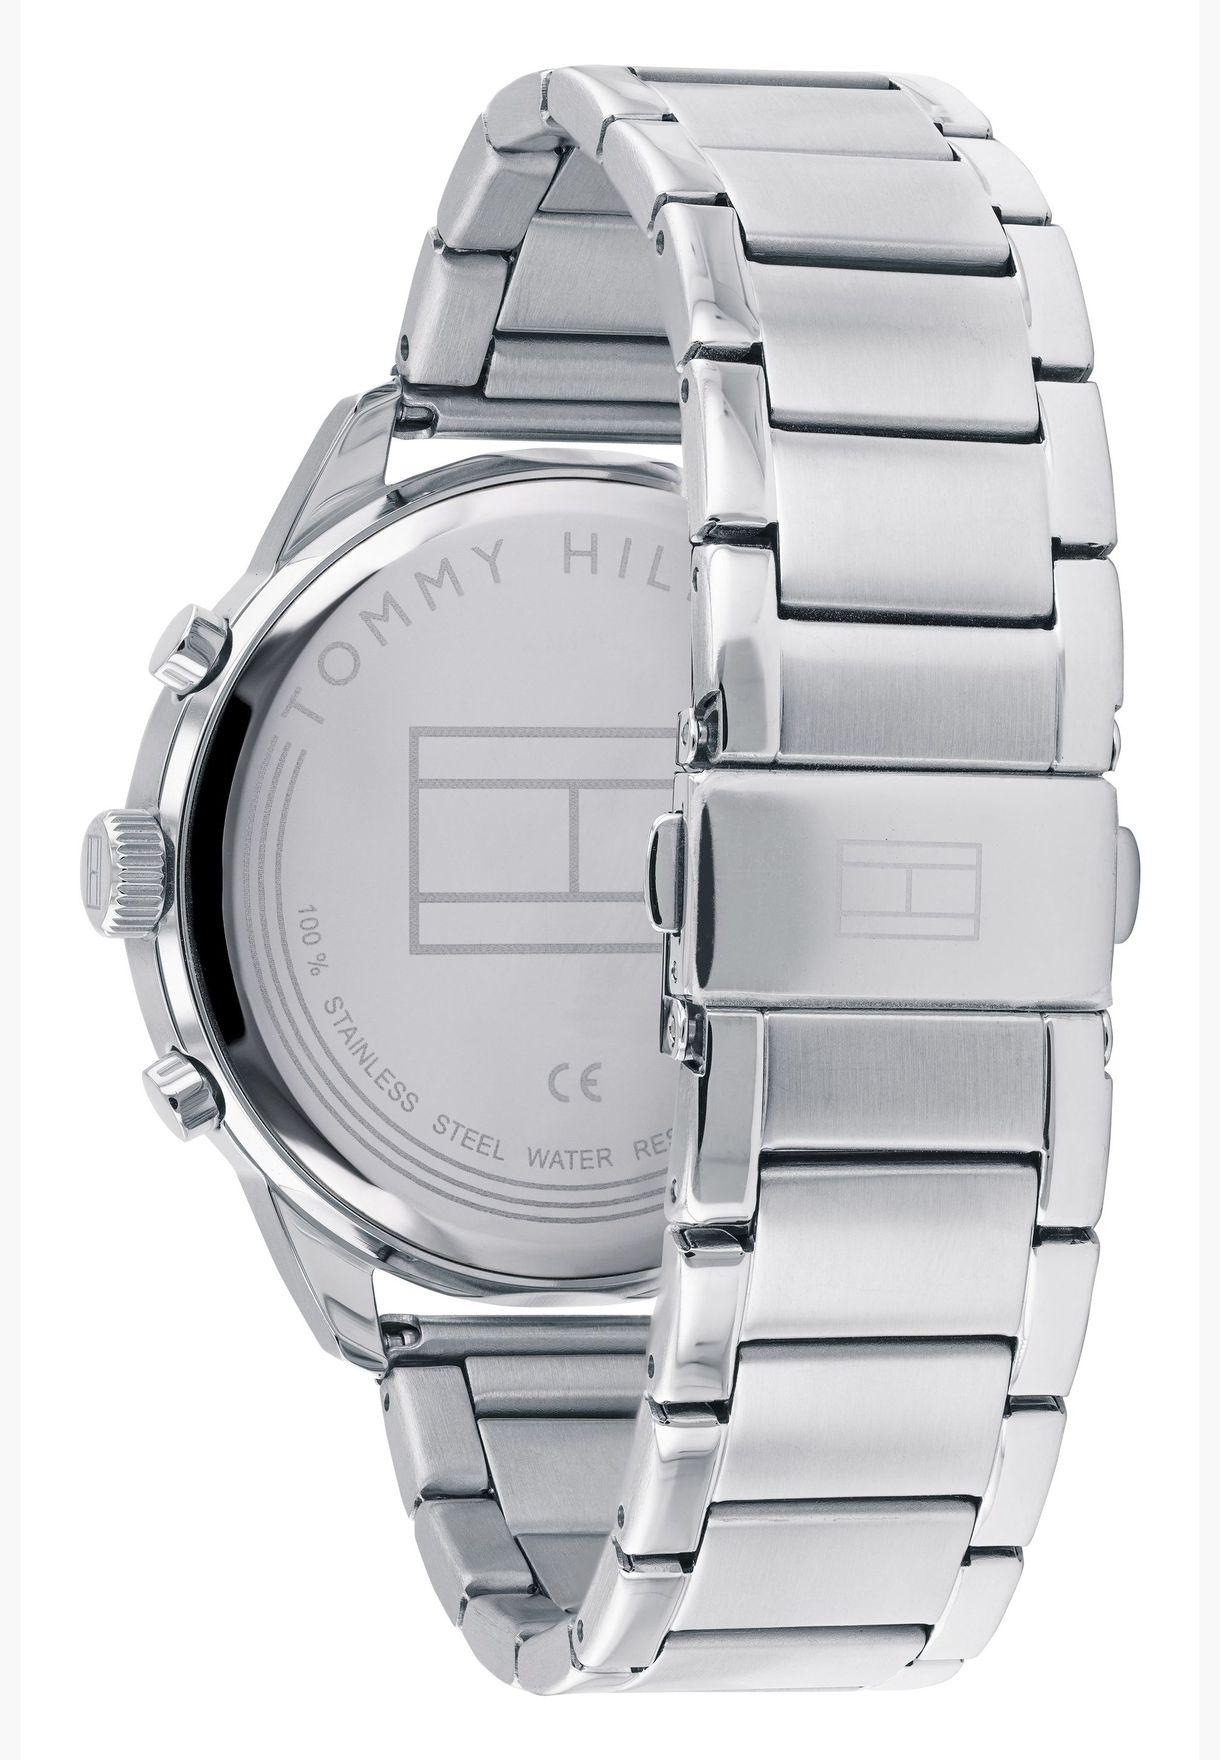 تومي هيلفيغر ساعة تشيس للرجال بسوار معدني - 1791575